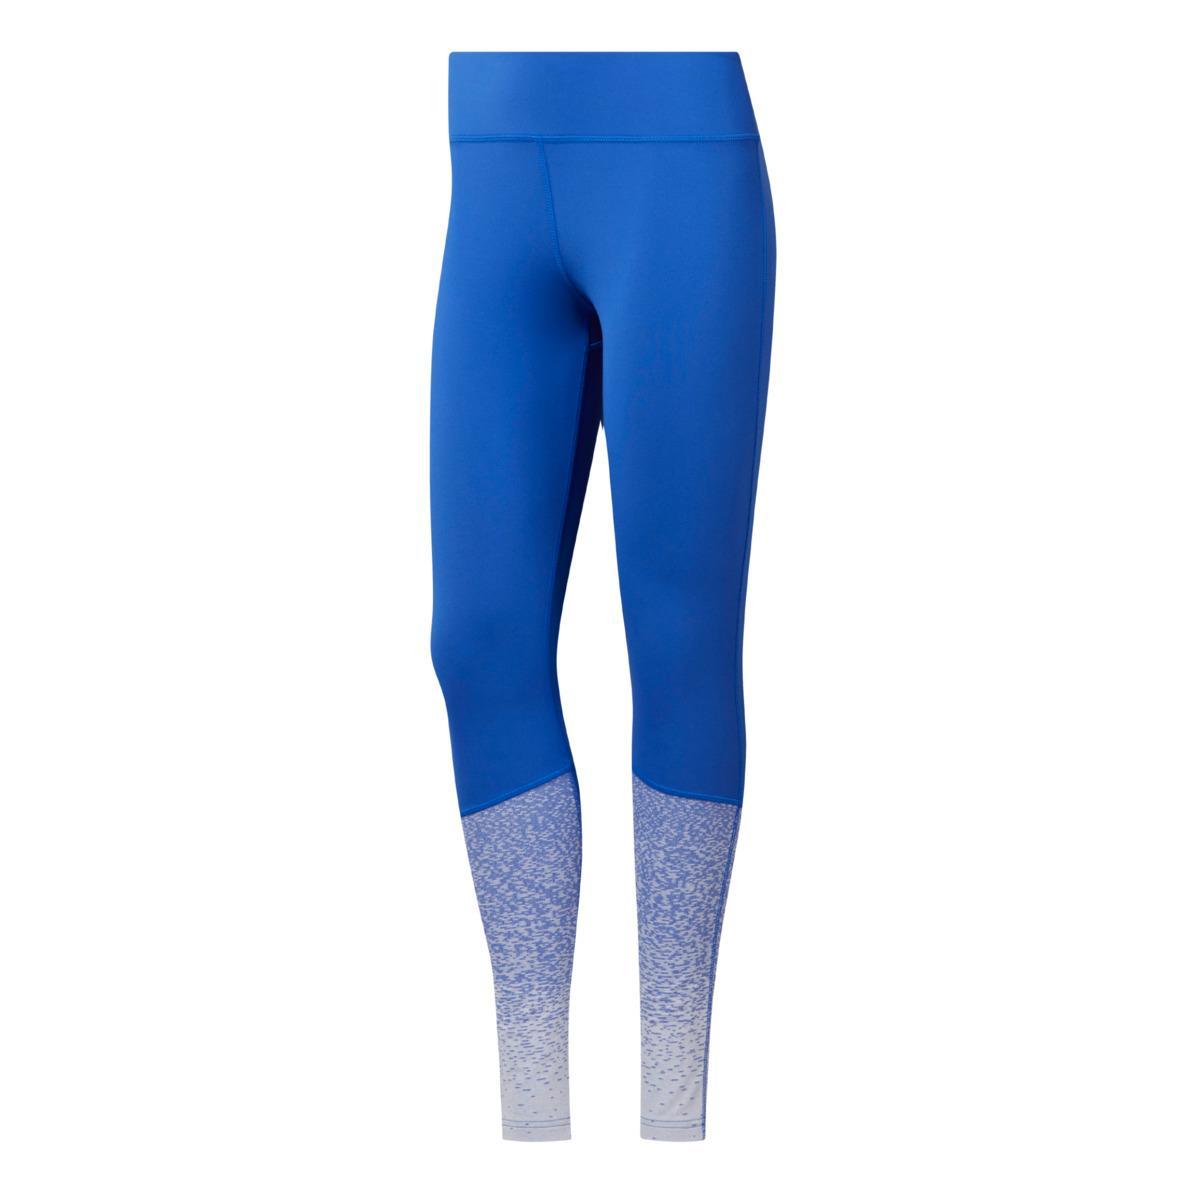 53c1303f76b907 Reebok. Women's Blue Crossfit leggings. £60 From El Corte Ingles